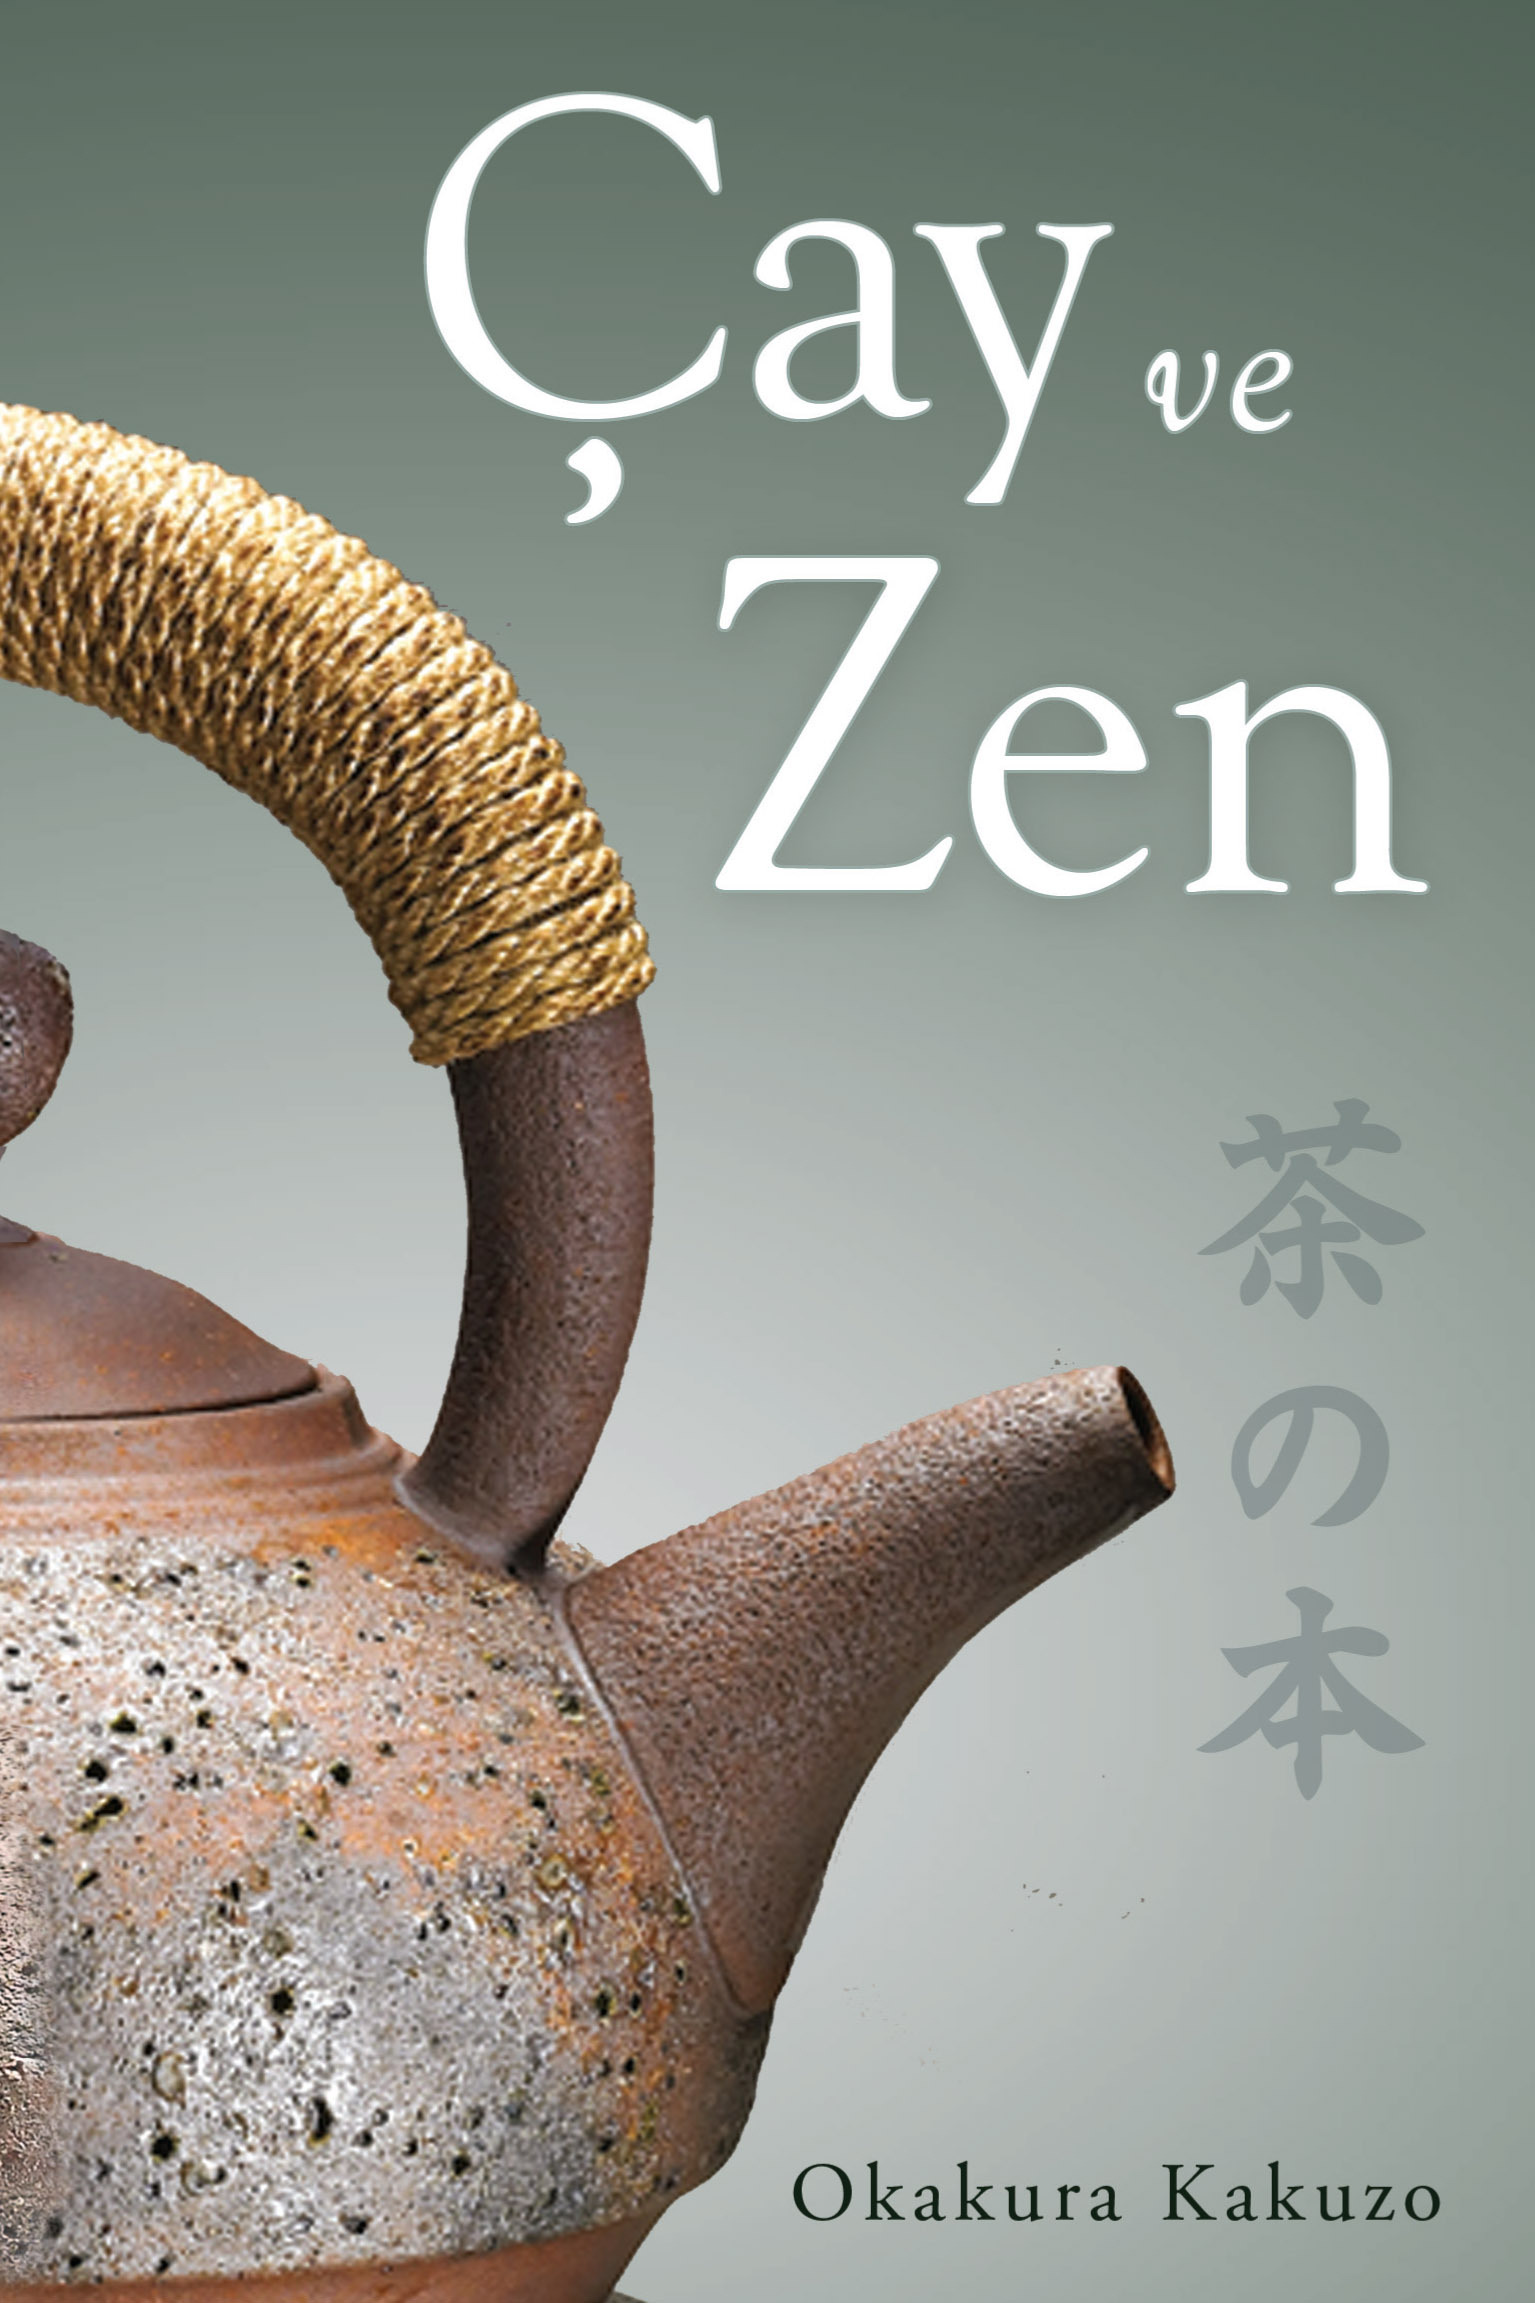 Çay ve Zen Okakura Kakuzō